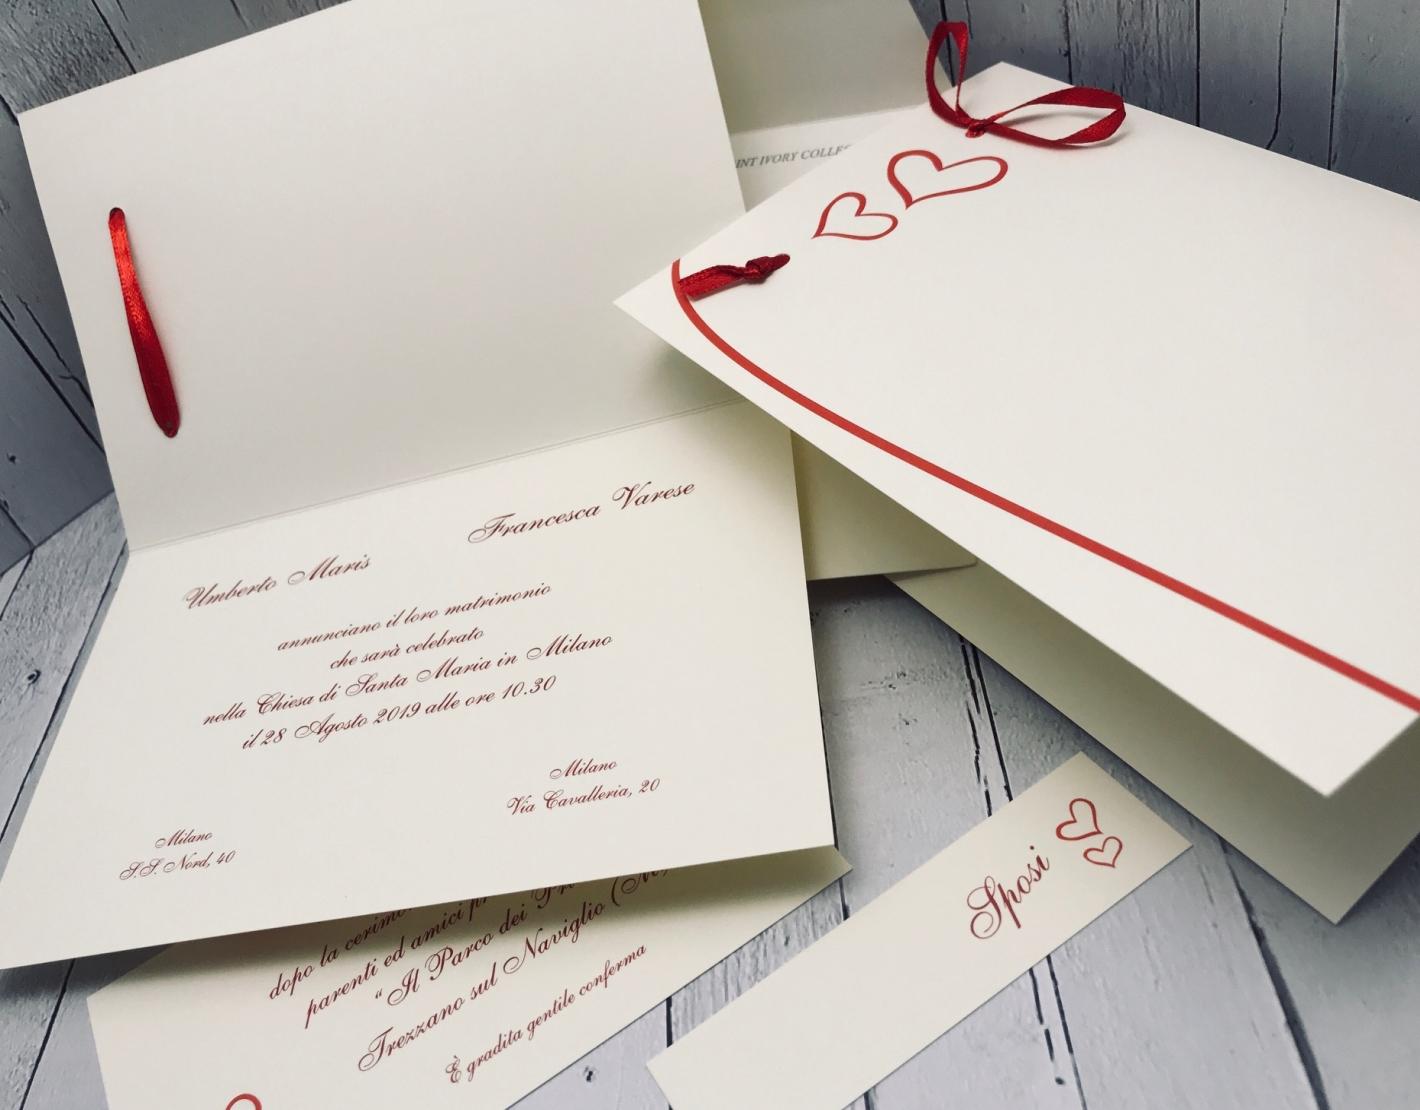 Partecipazioni Matrimonio Con Fiocco.Partecipazioni Matrimonio Con Fiocco Rosso